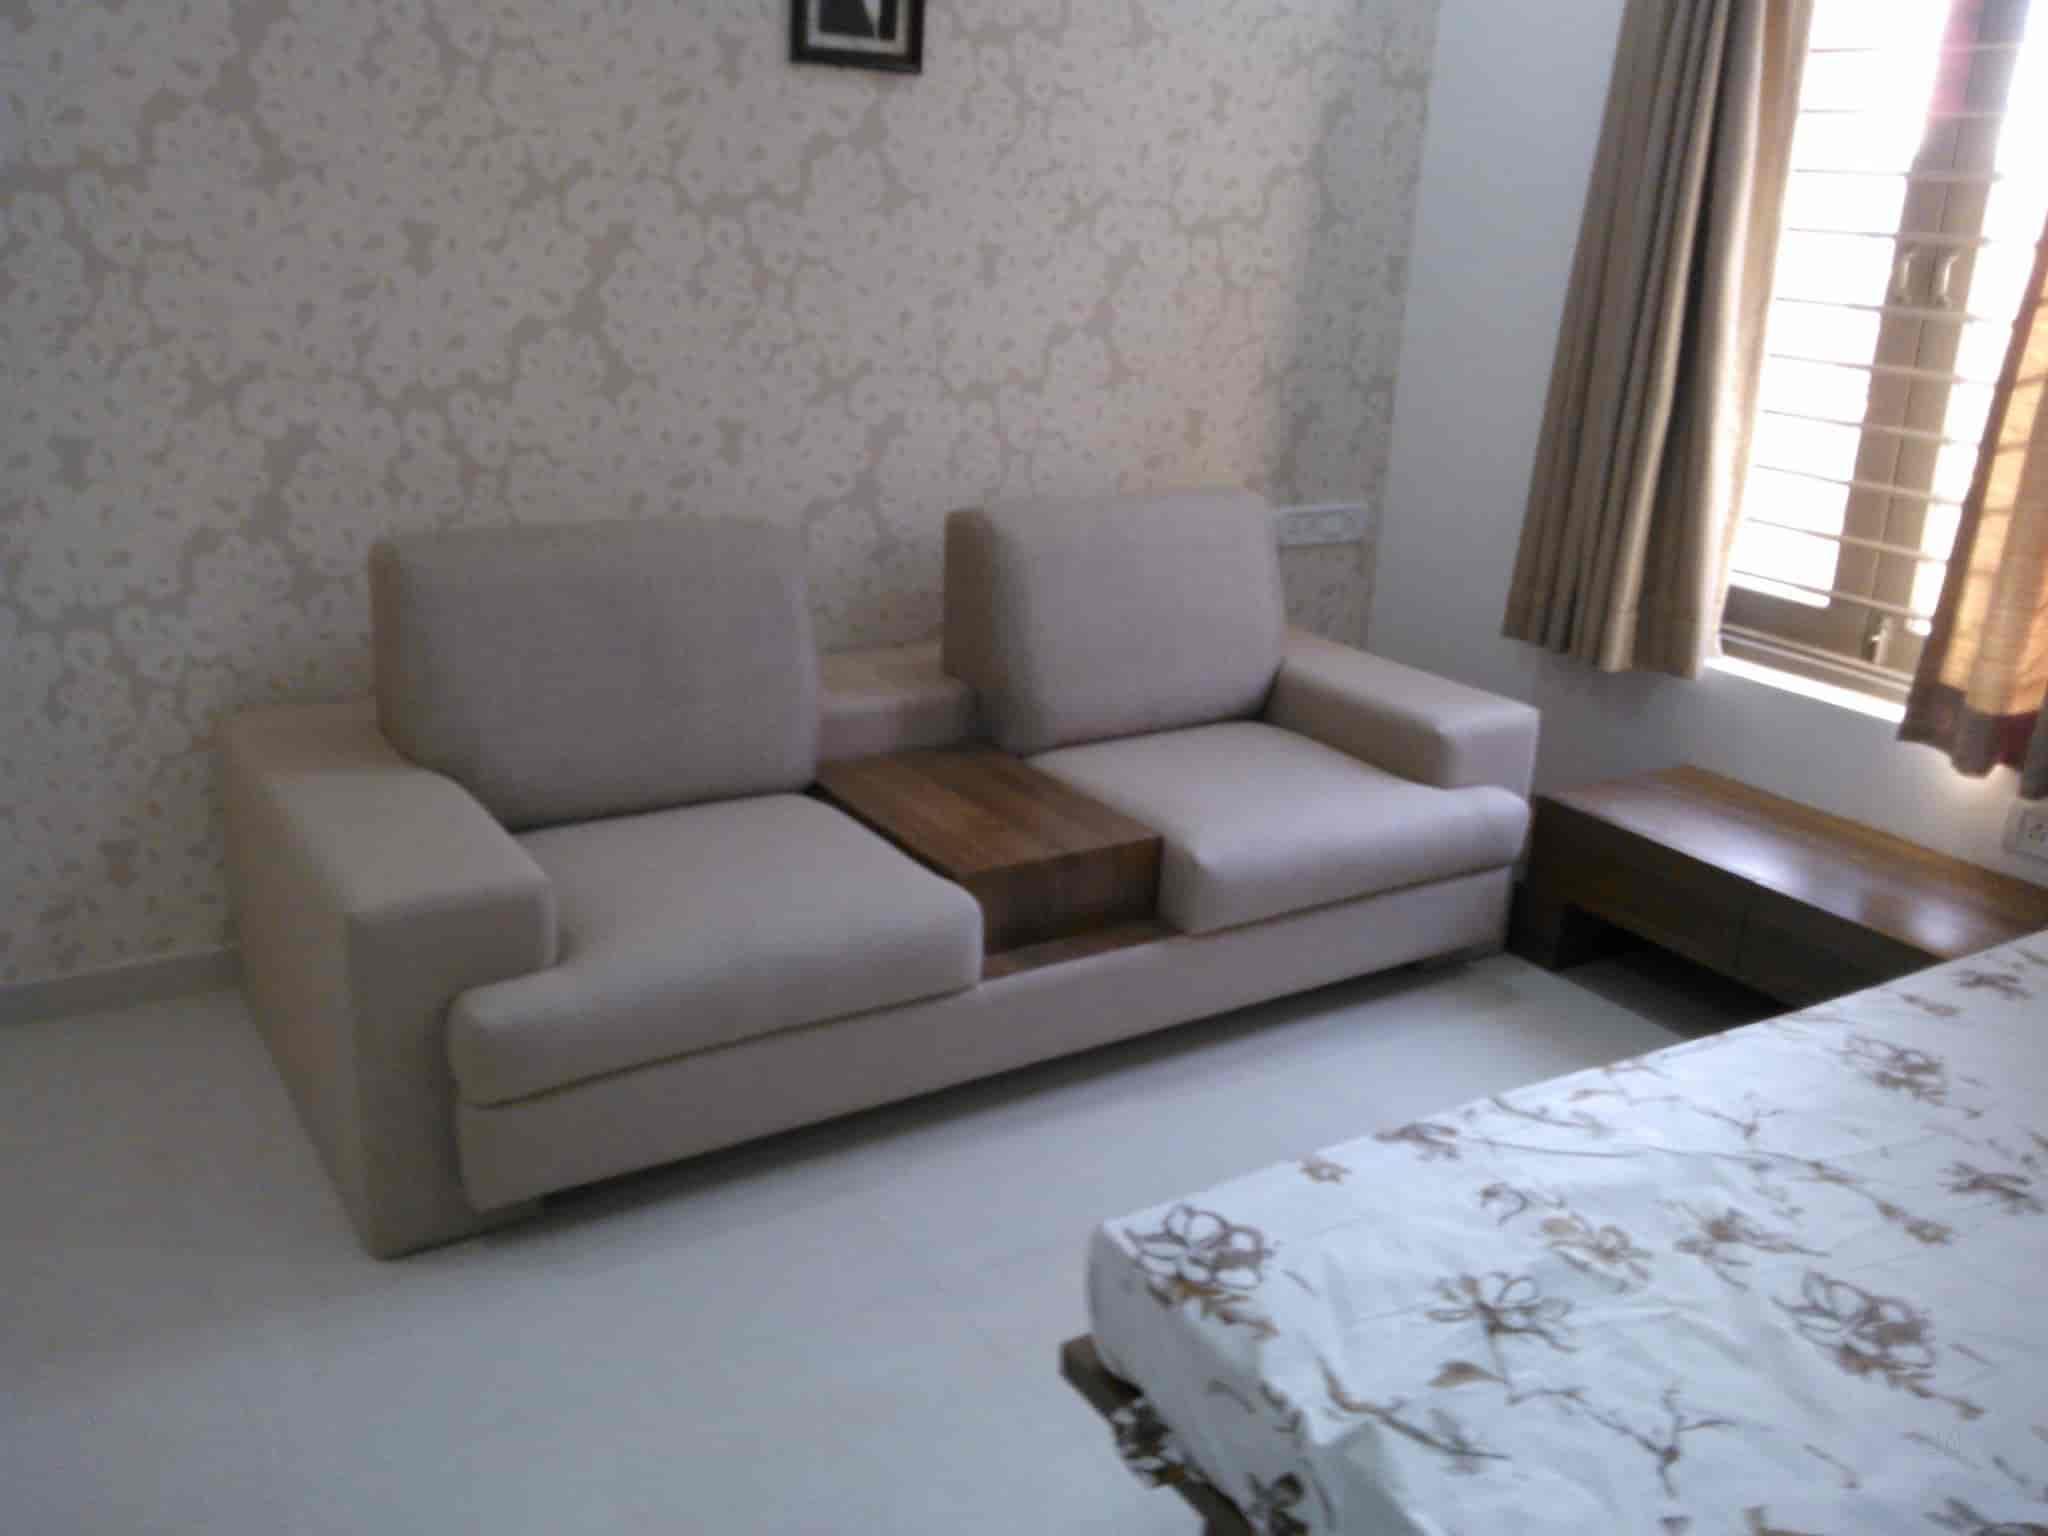 b n vishwakarma furniture, ajwa road - b n vishvakarma furniture